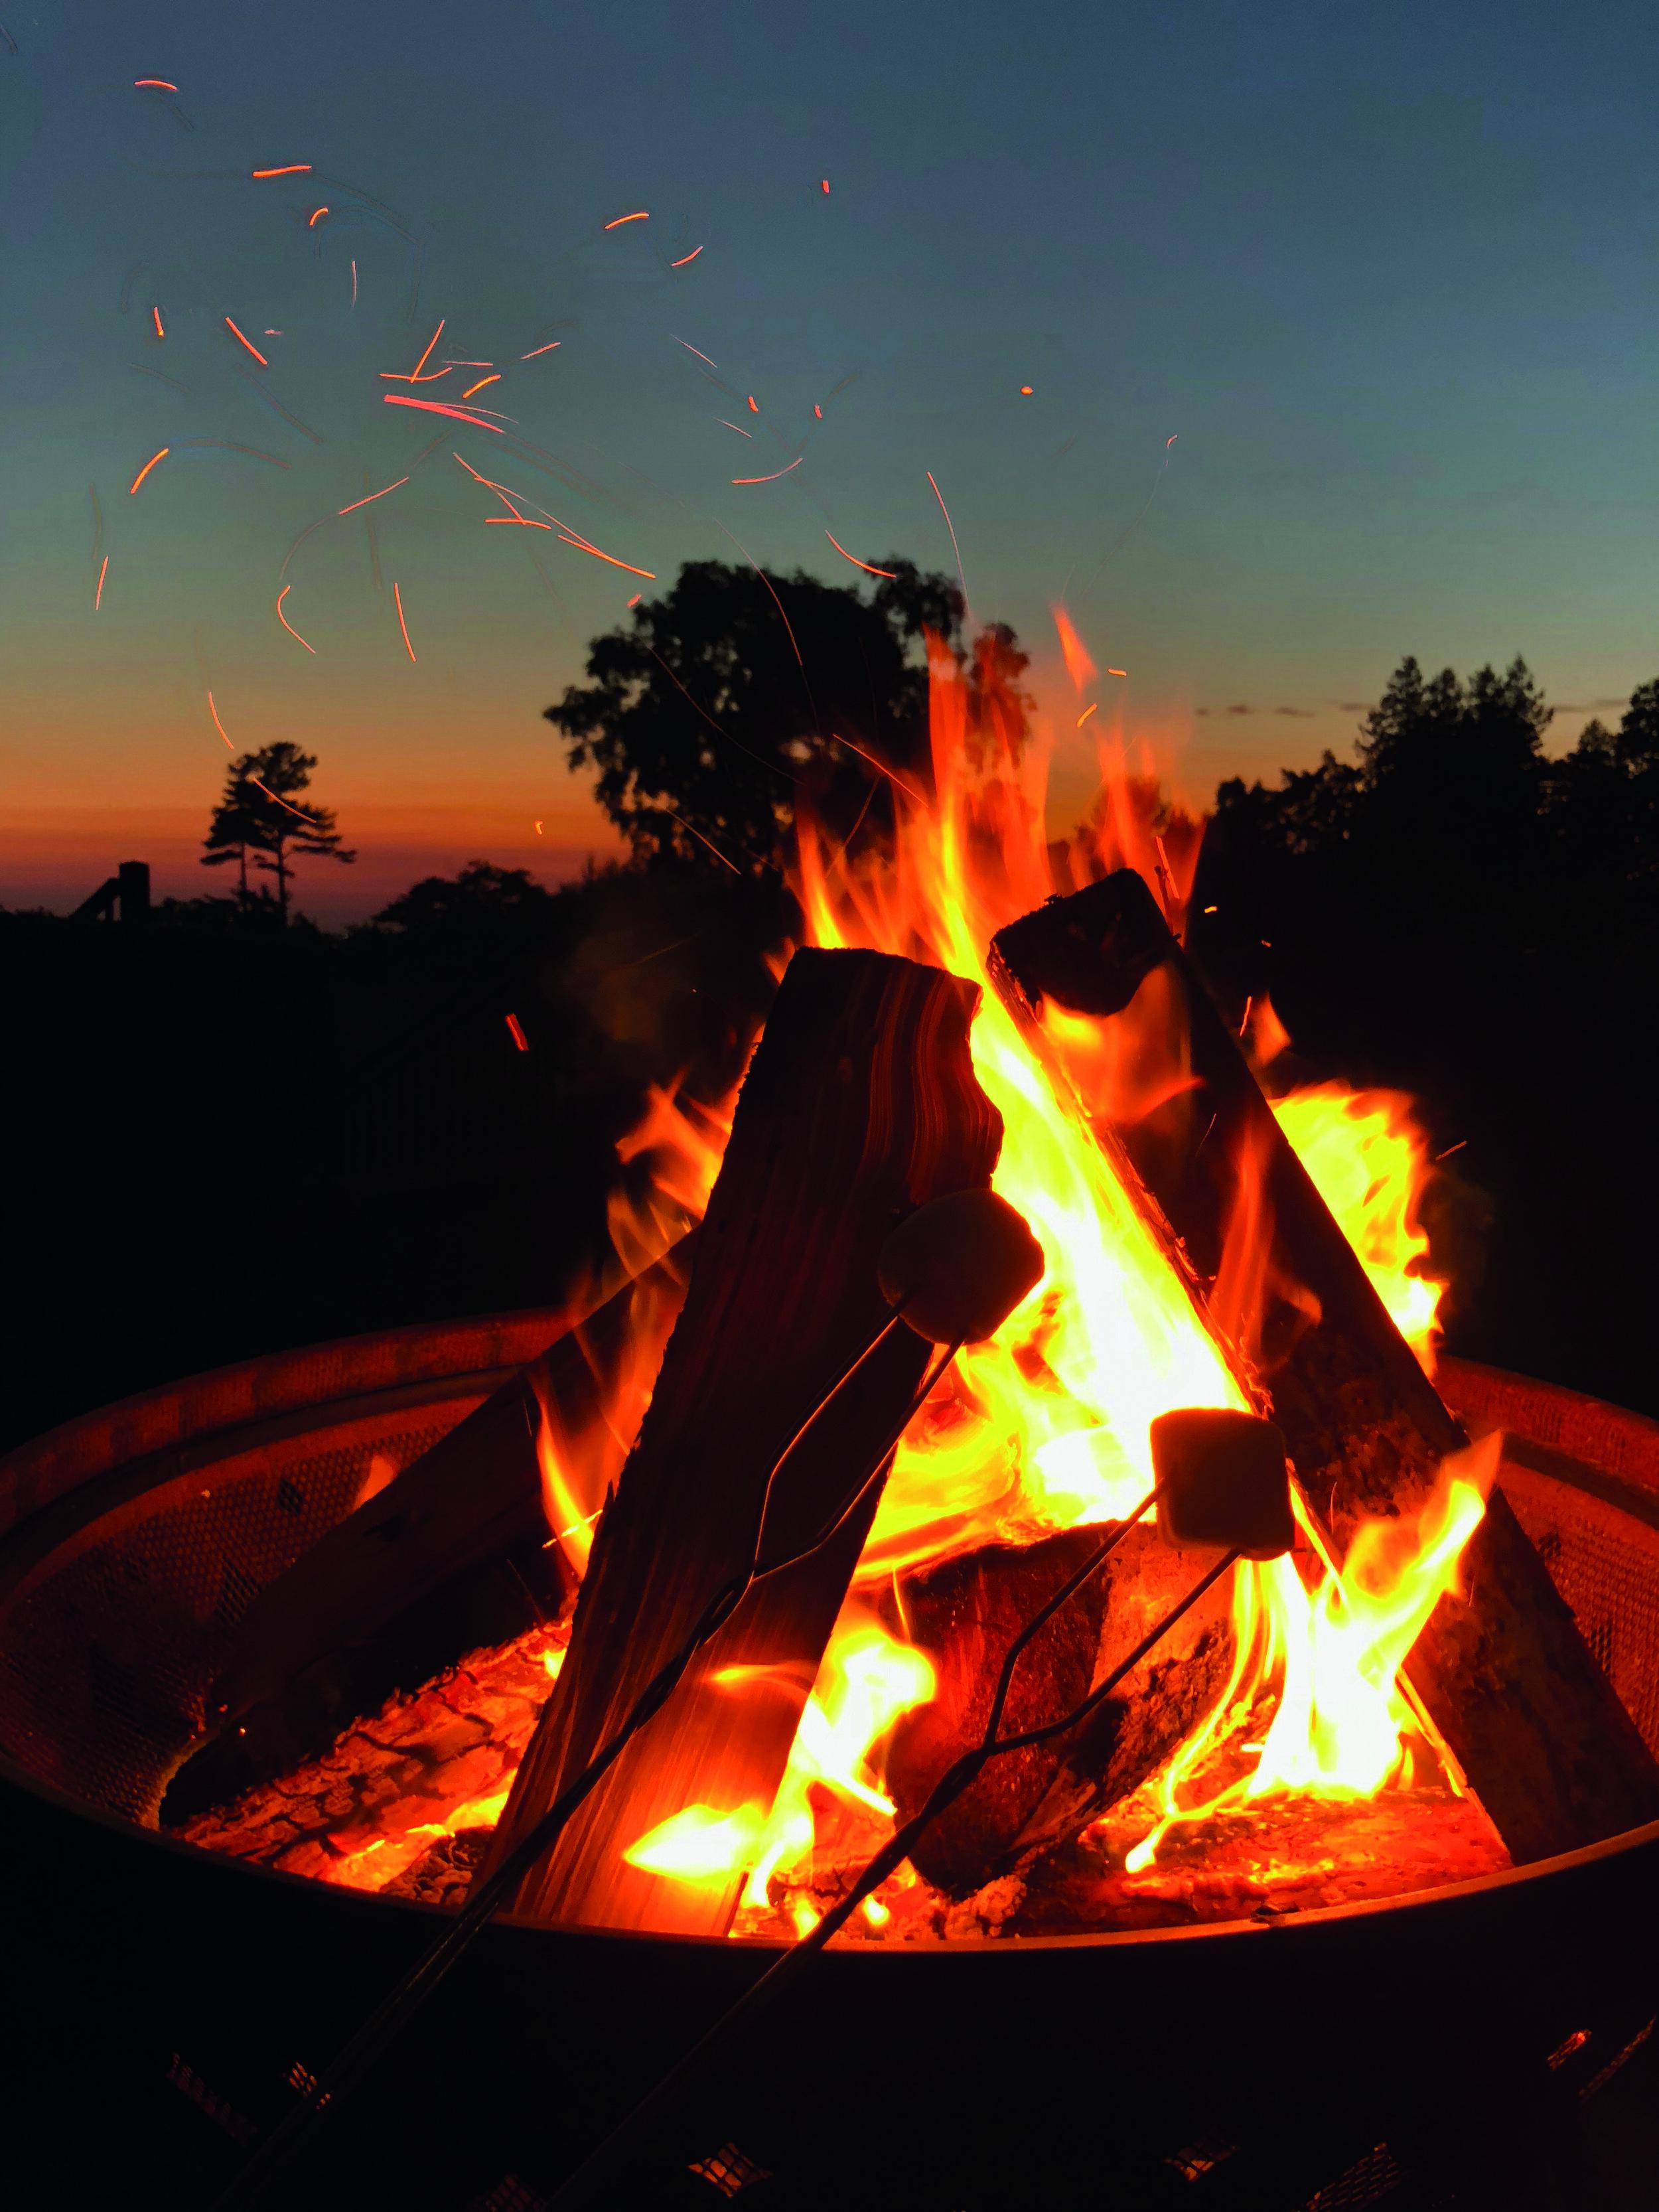 bonfire-burn-burning-1434598.jpg